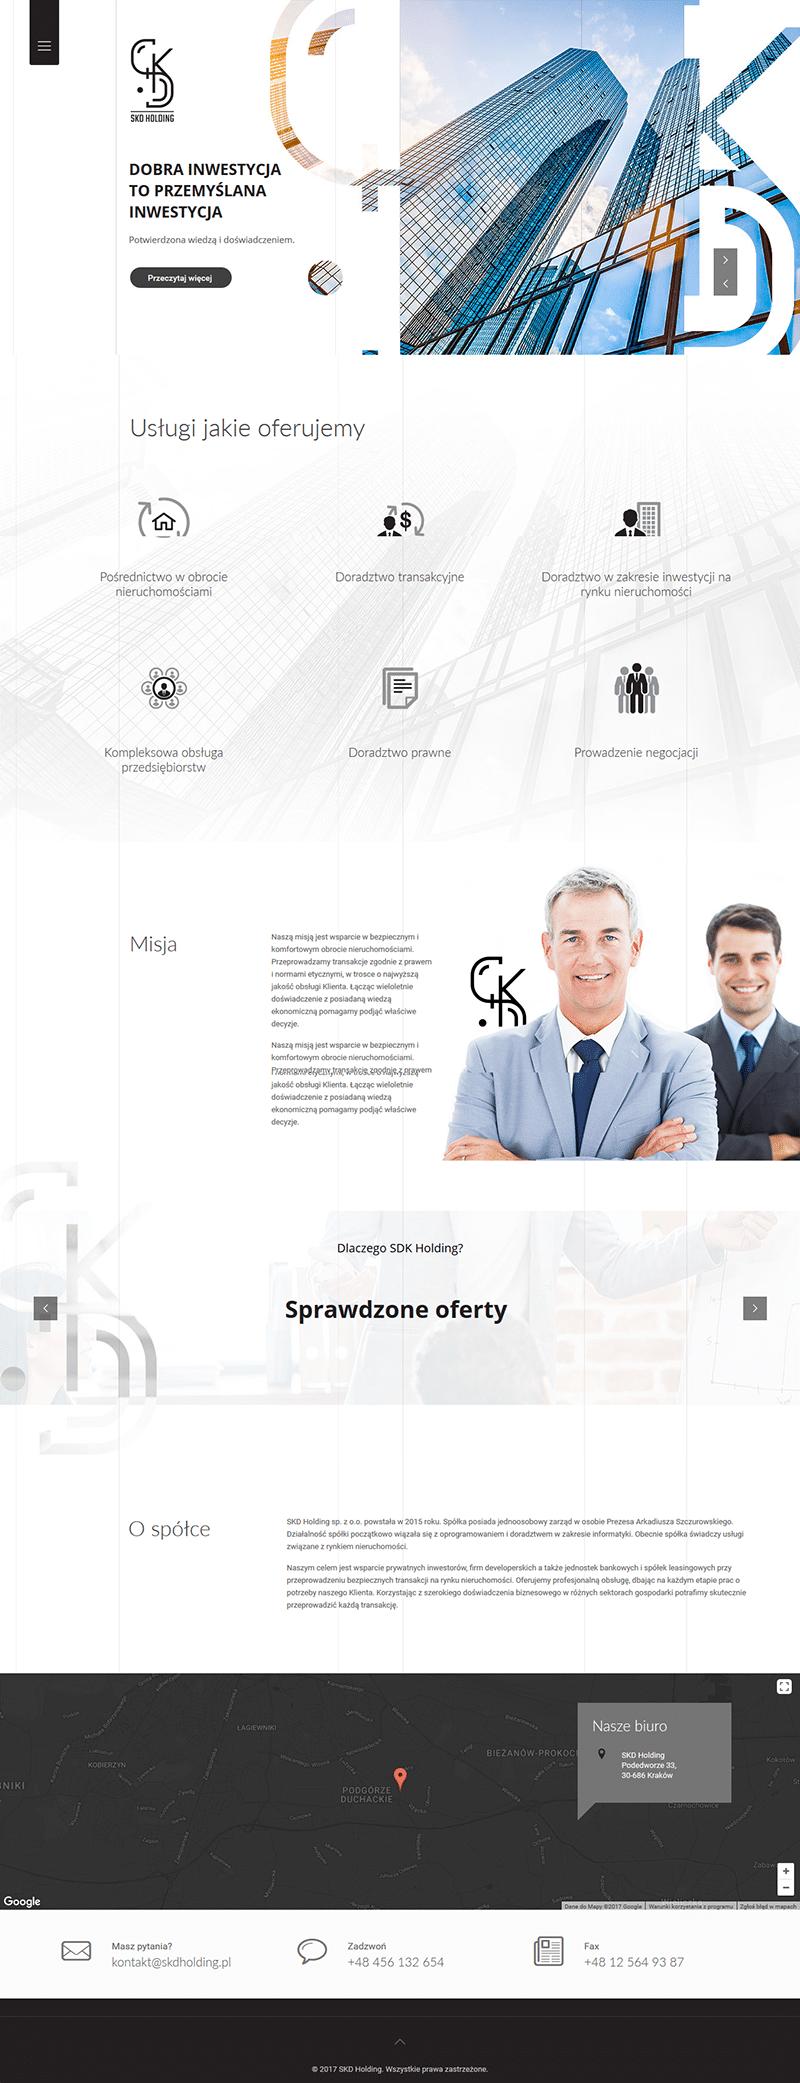 skd_web